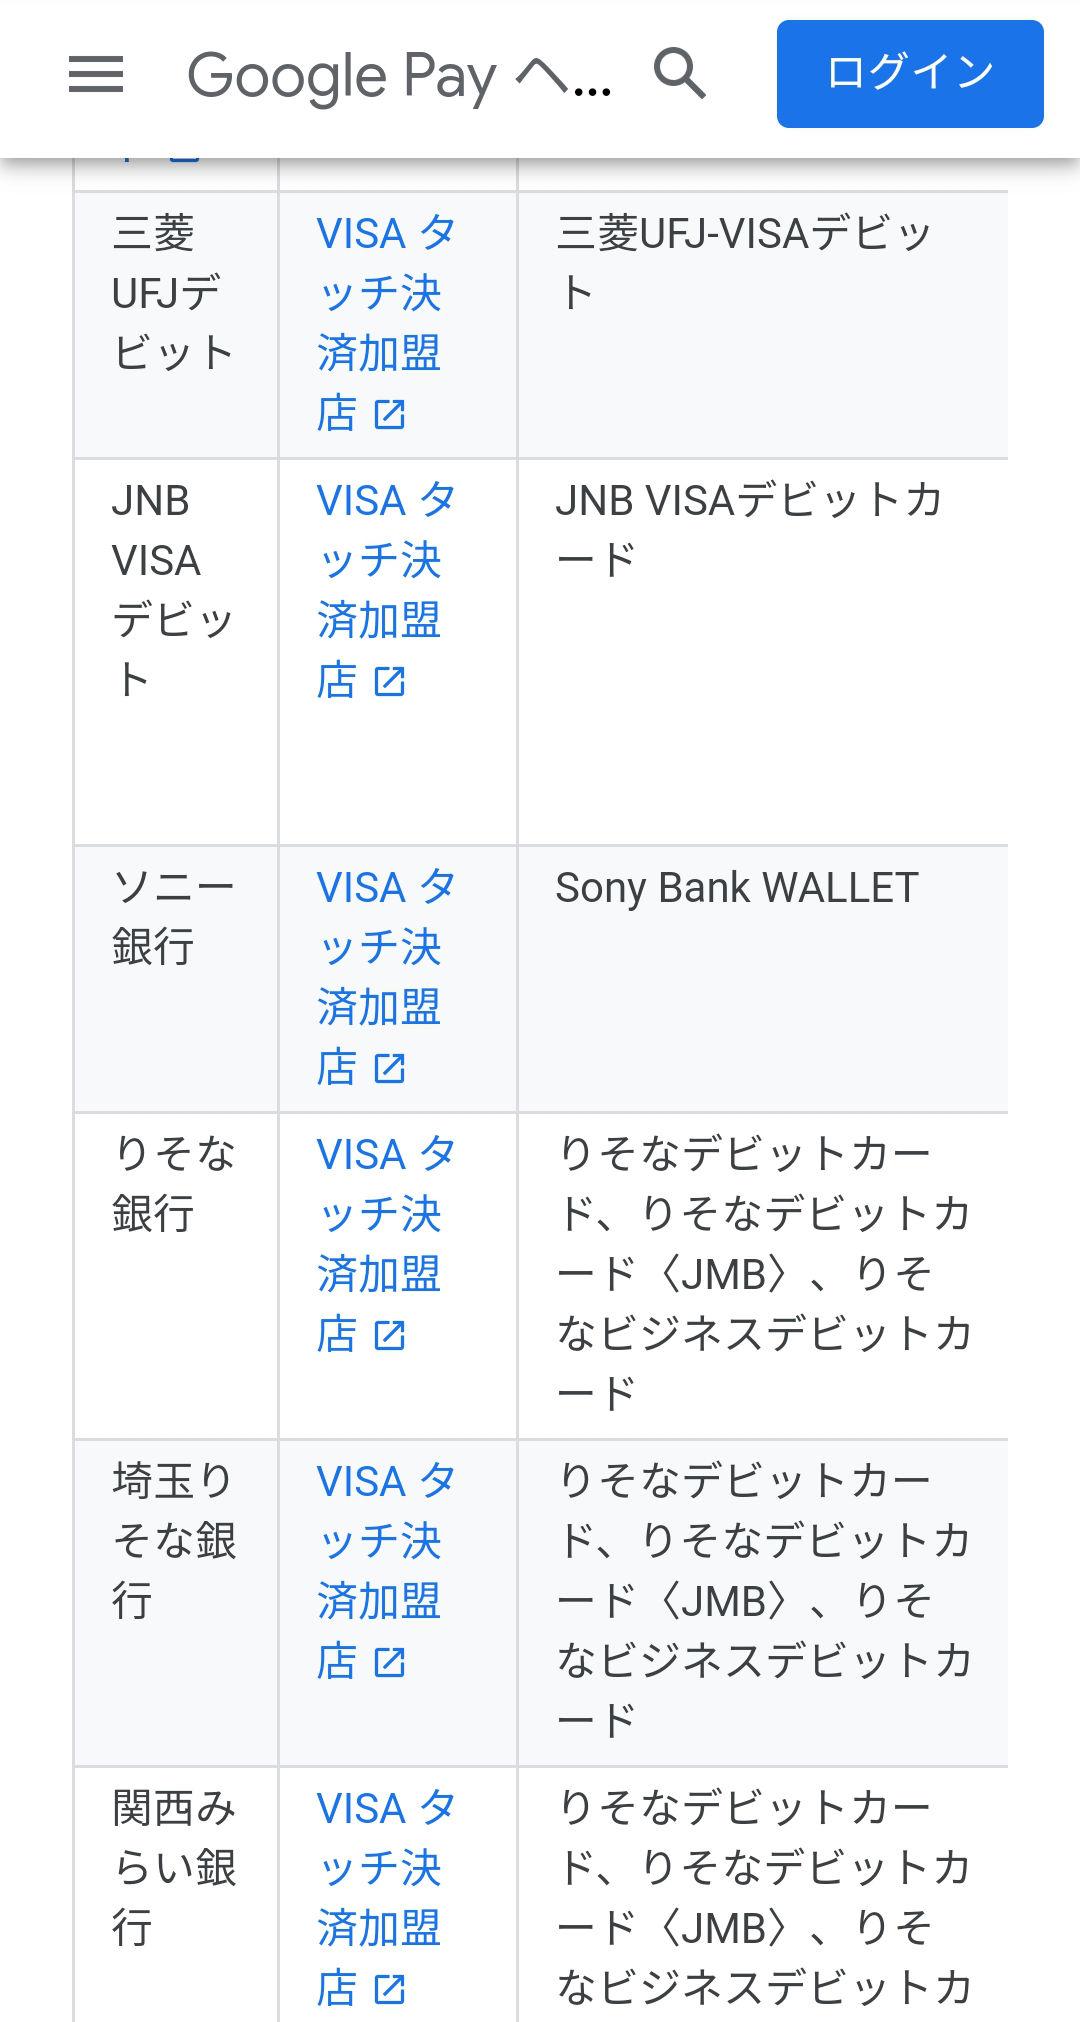 GooglePay VISADebit 02